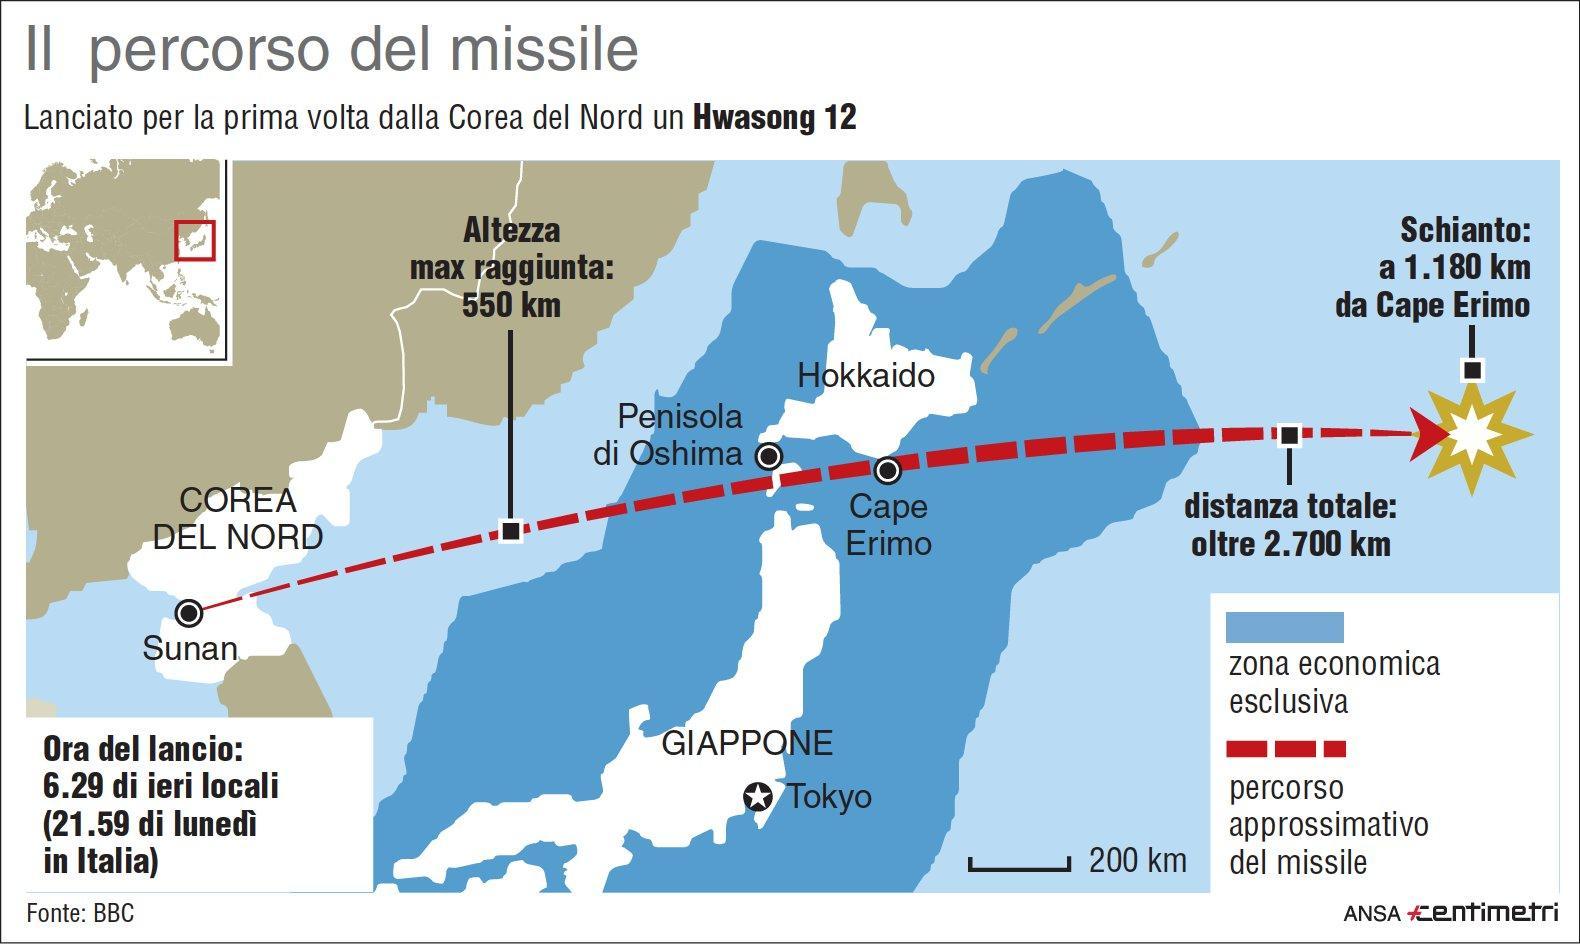 Nord Corea, il percorso del missile lanciato da Pyongyang